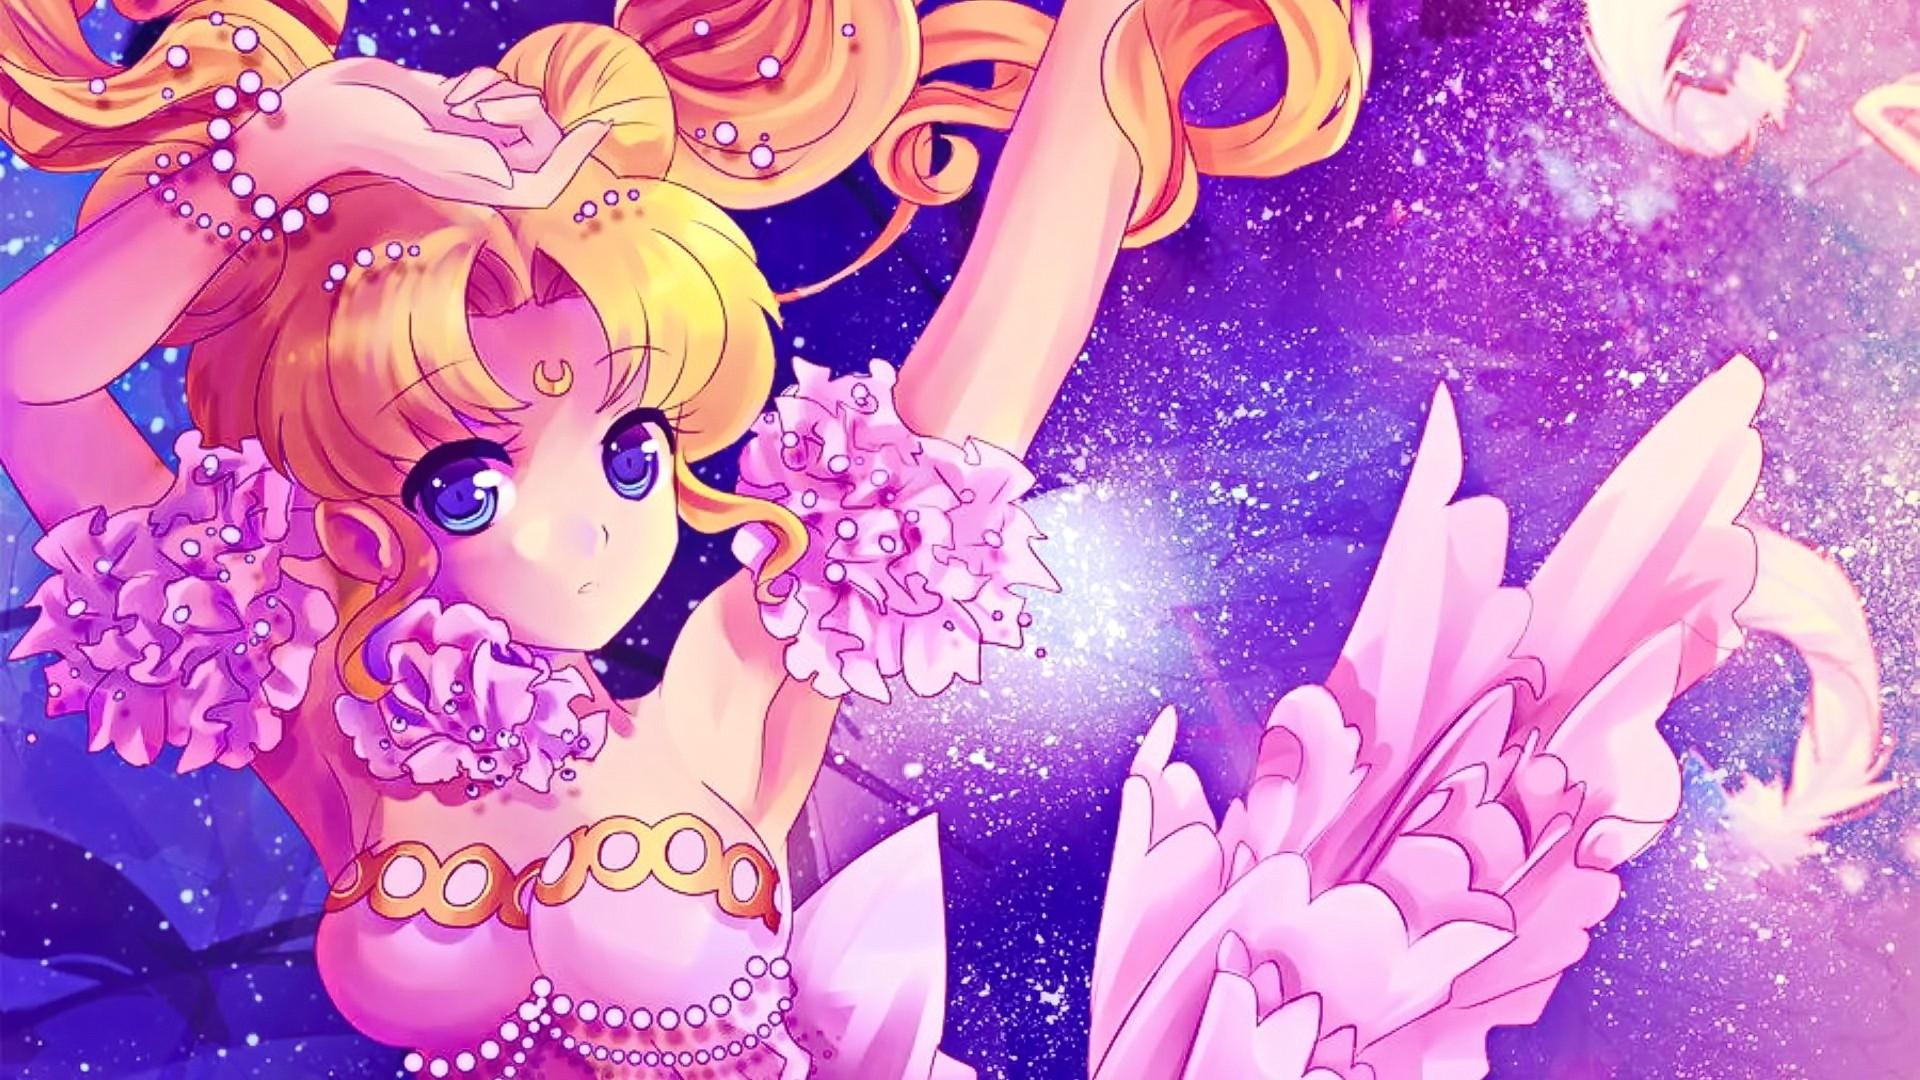 Sailor Moon Wallpaper theme